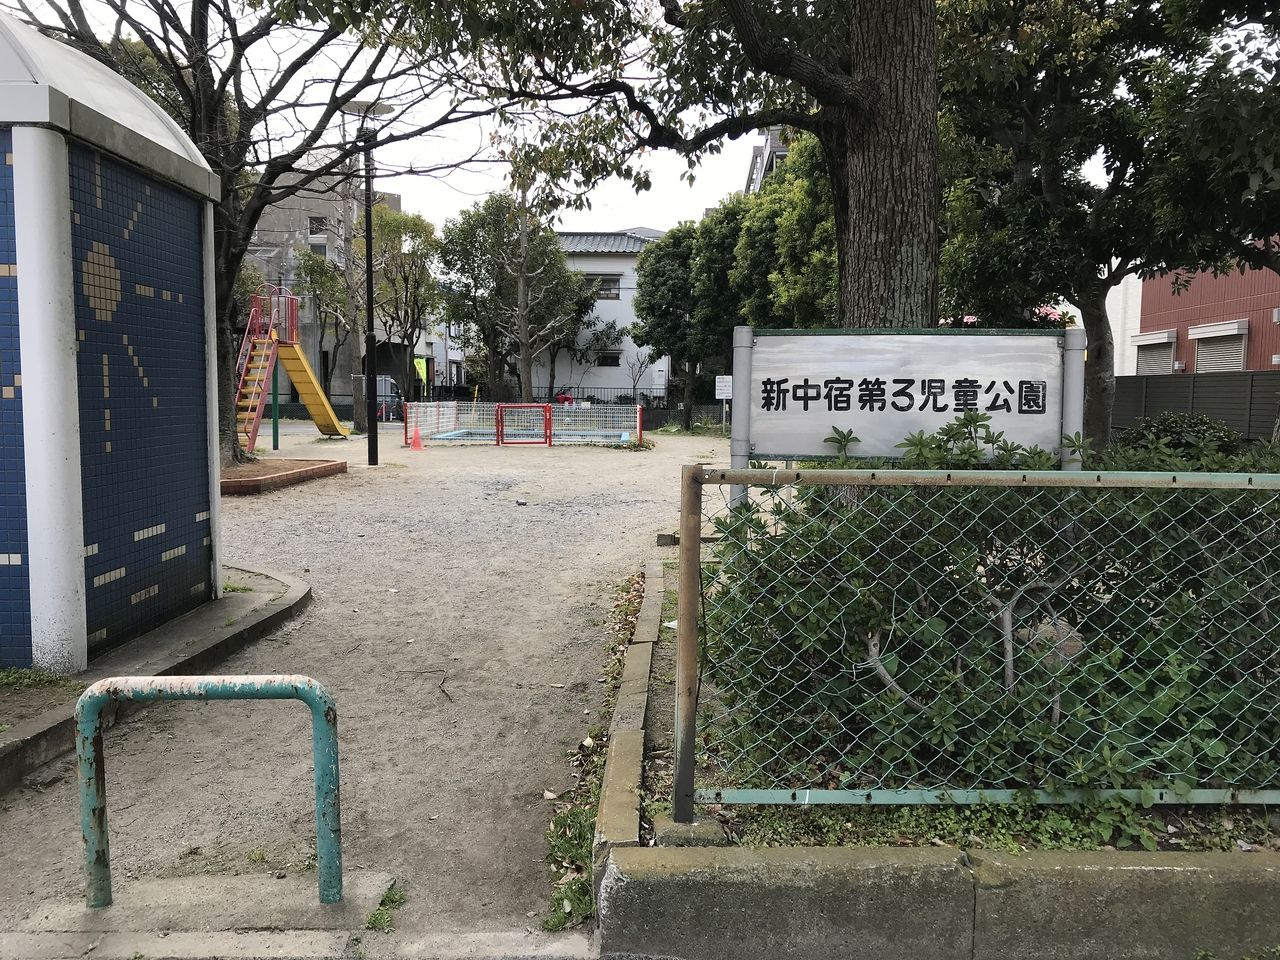 南行徳の新中宿第3児童公園の入り口